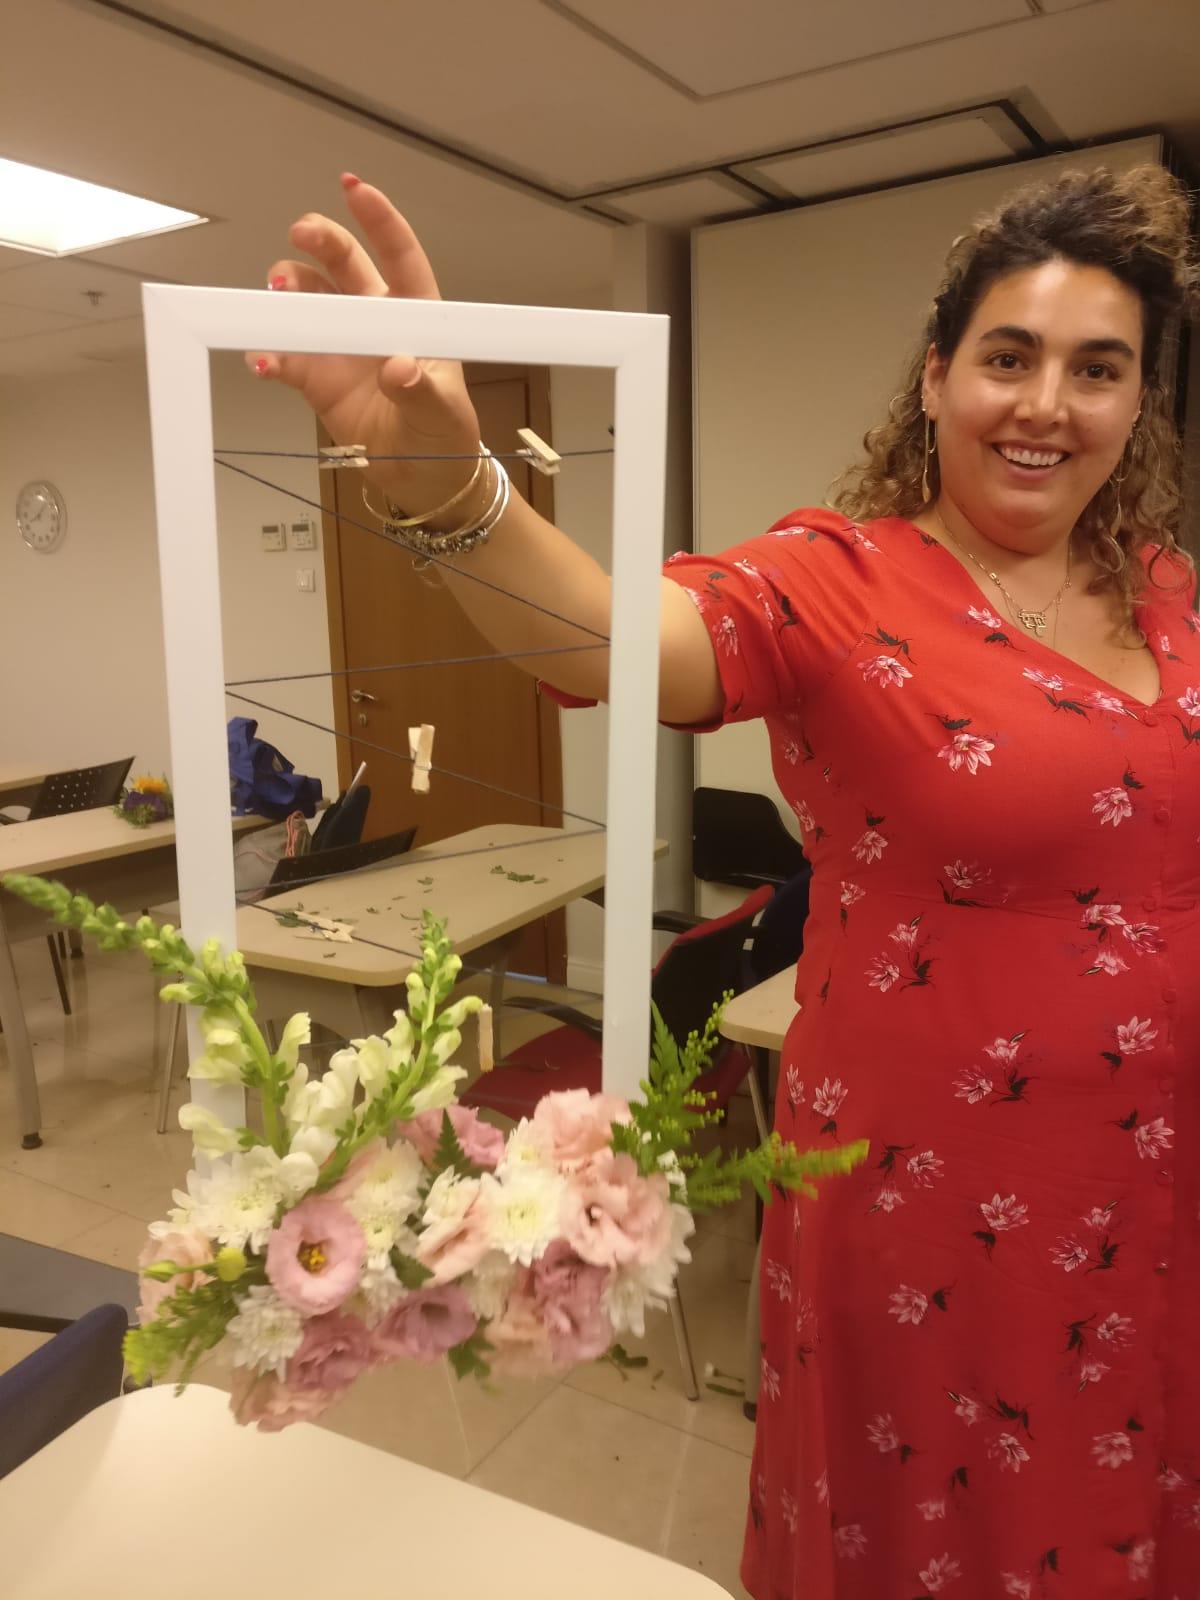 גלרייה - שיעור שזירת פרחים - קורס הפקת אירועים מחזור 23, 30 מתוך 32